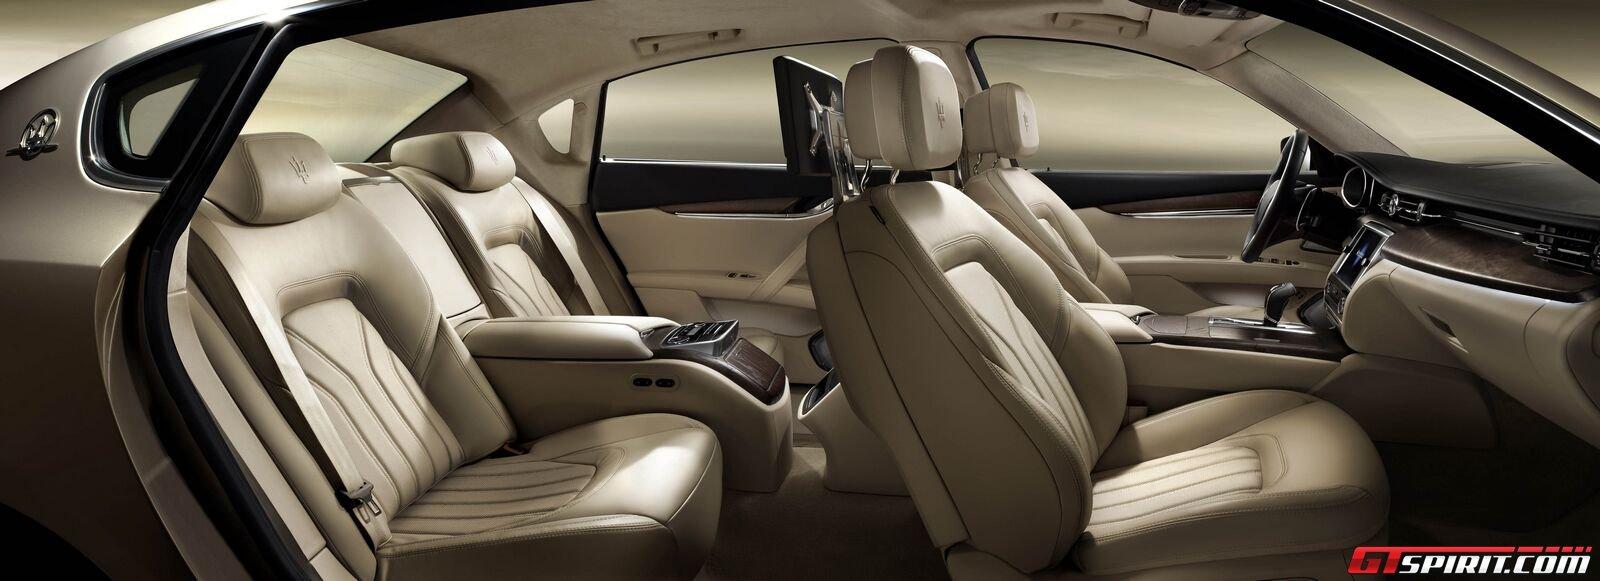 2013 Maserati Quattroporte Photo 5